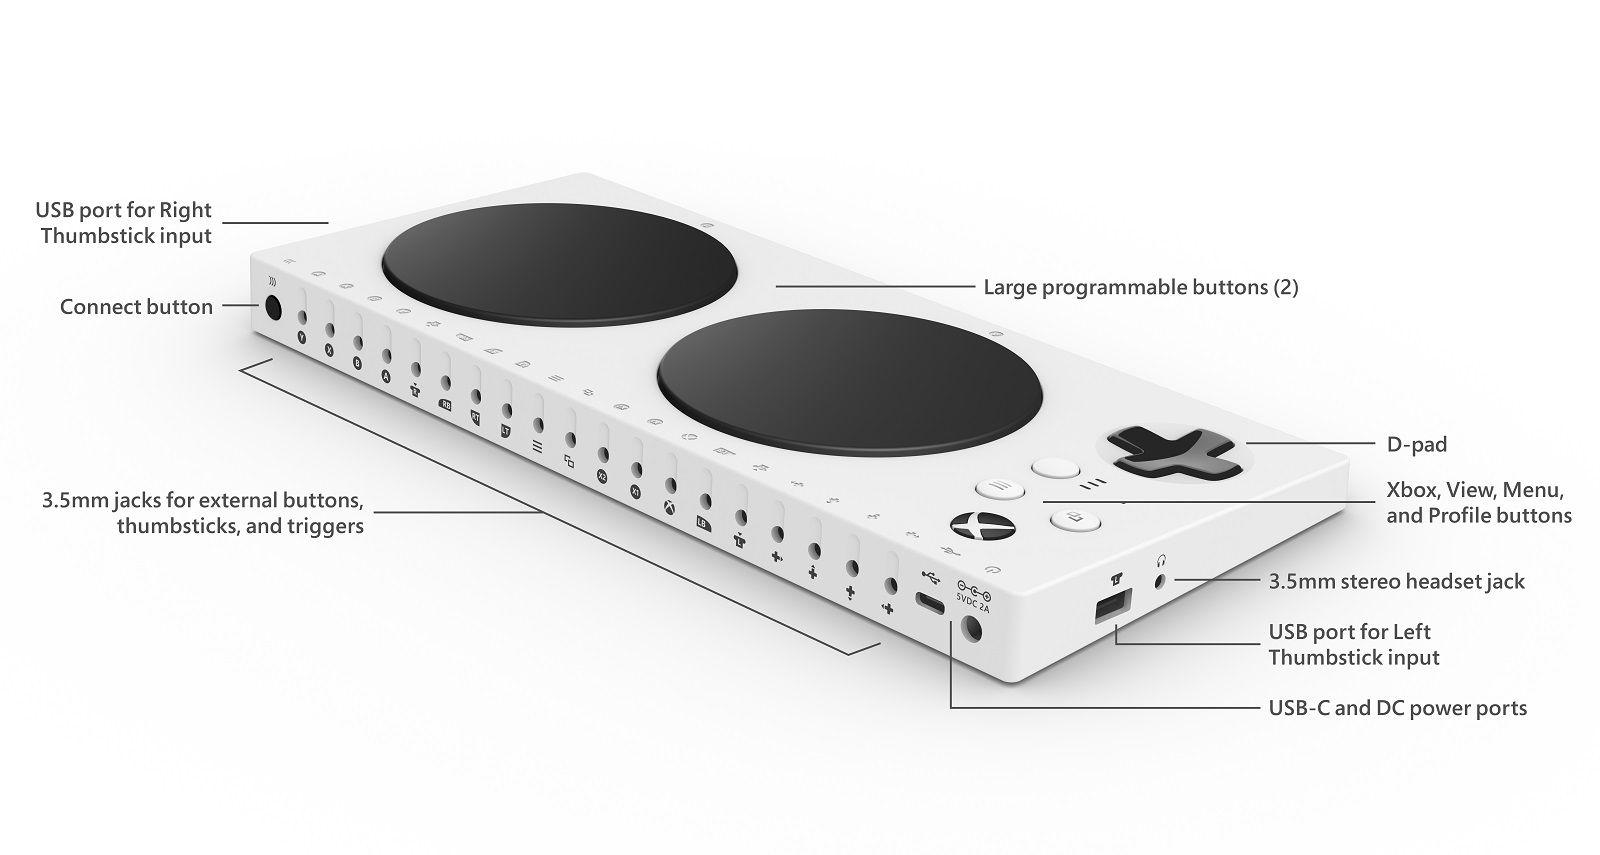 Ao todo são 19 entradas P2, uma para cada botão/alavanca do joystick, além de conexões USB e USB-C e conectividade Bluetooth